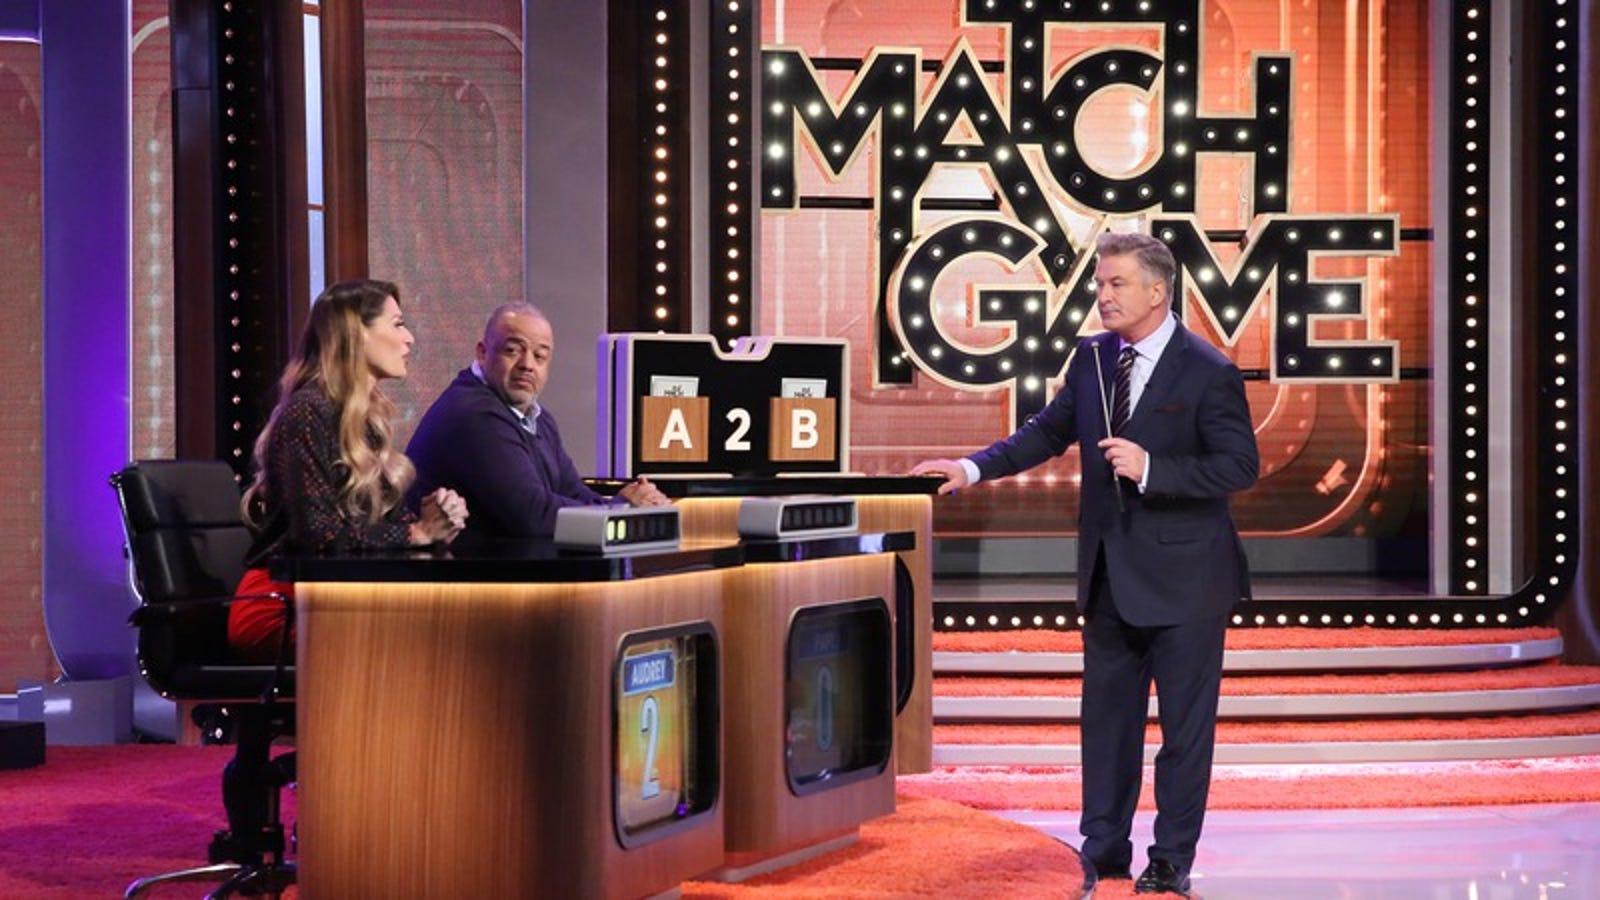 Celebrity comedy game show